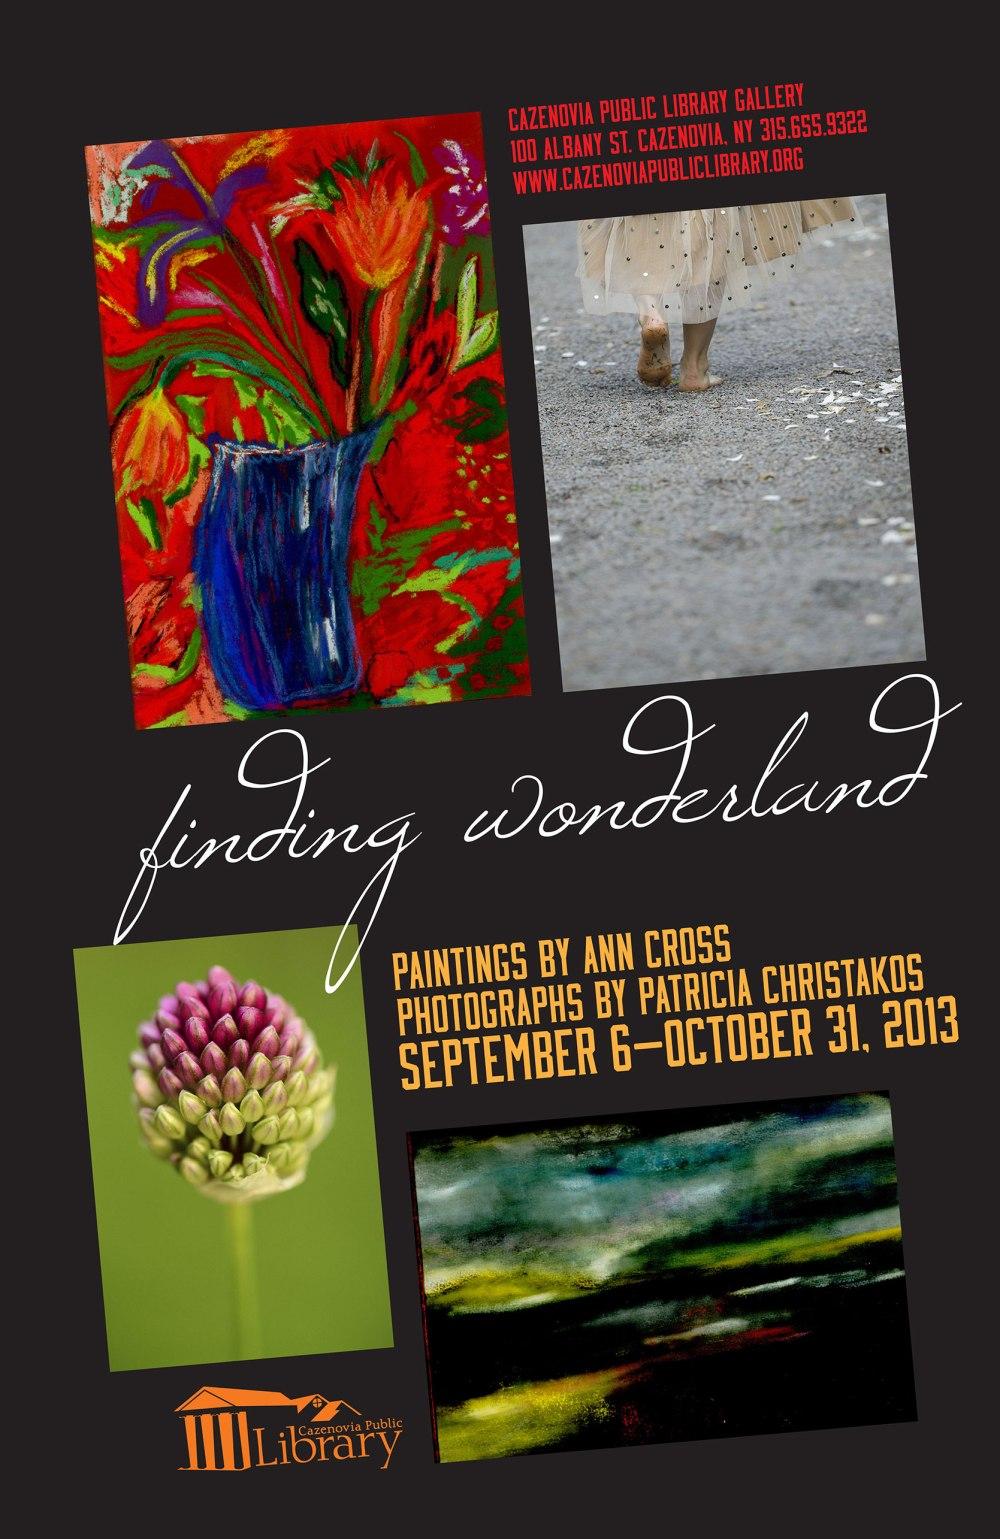 finding wonderland exhibition opens